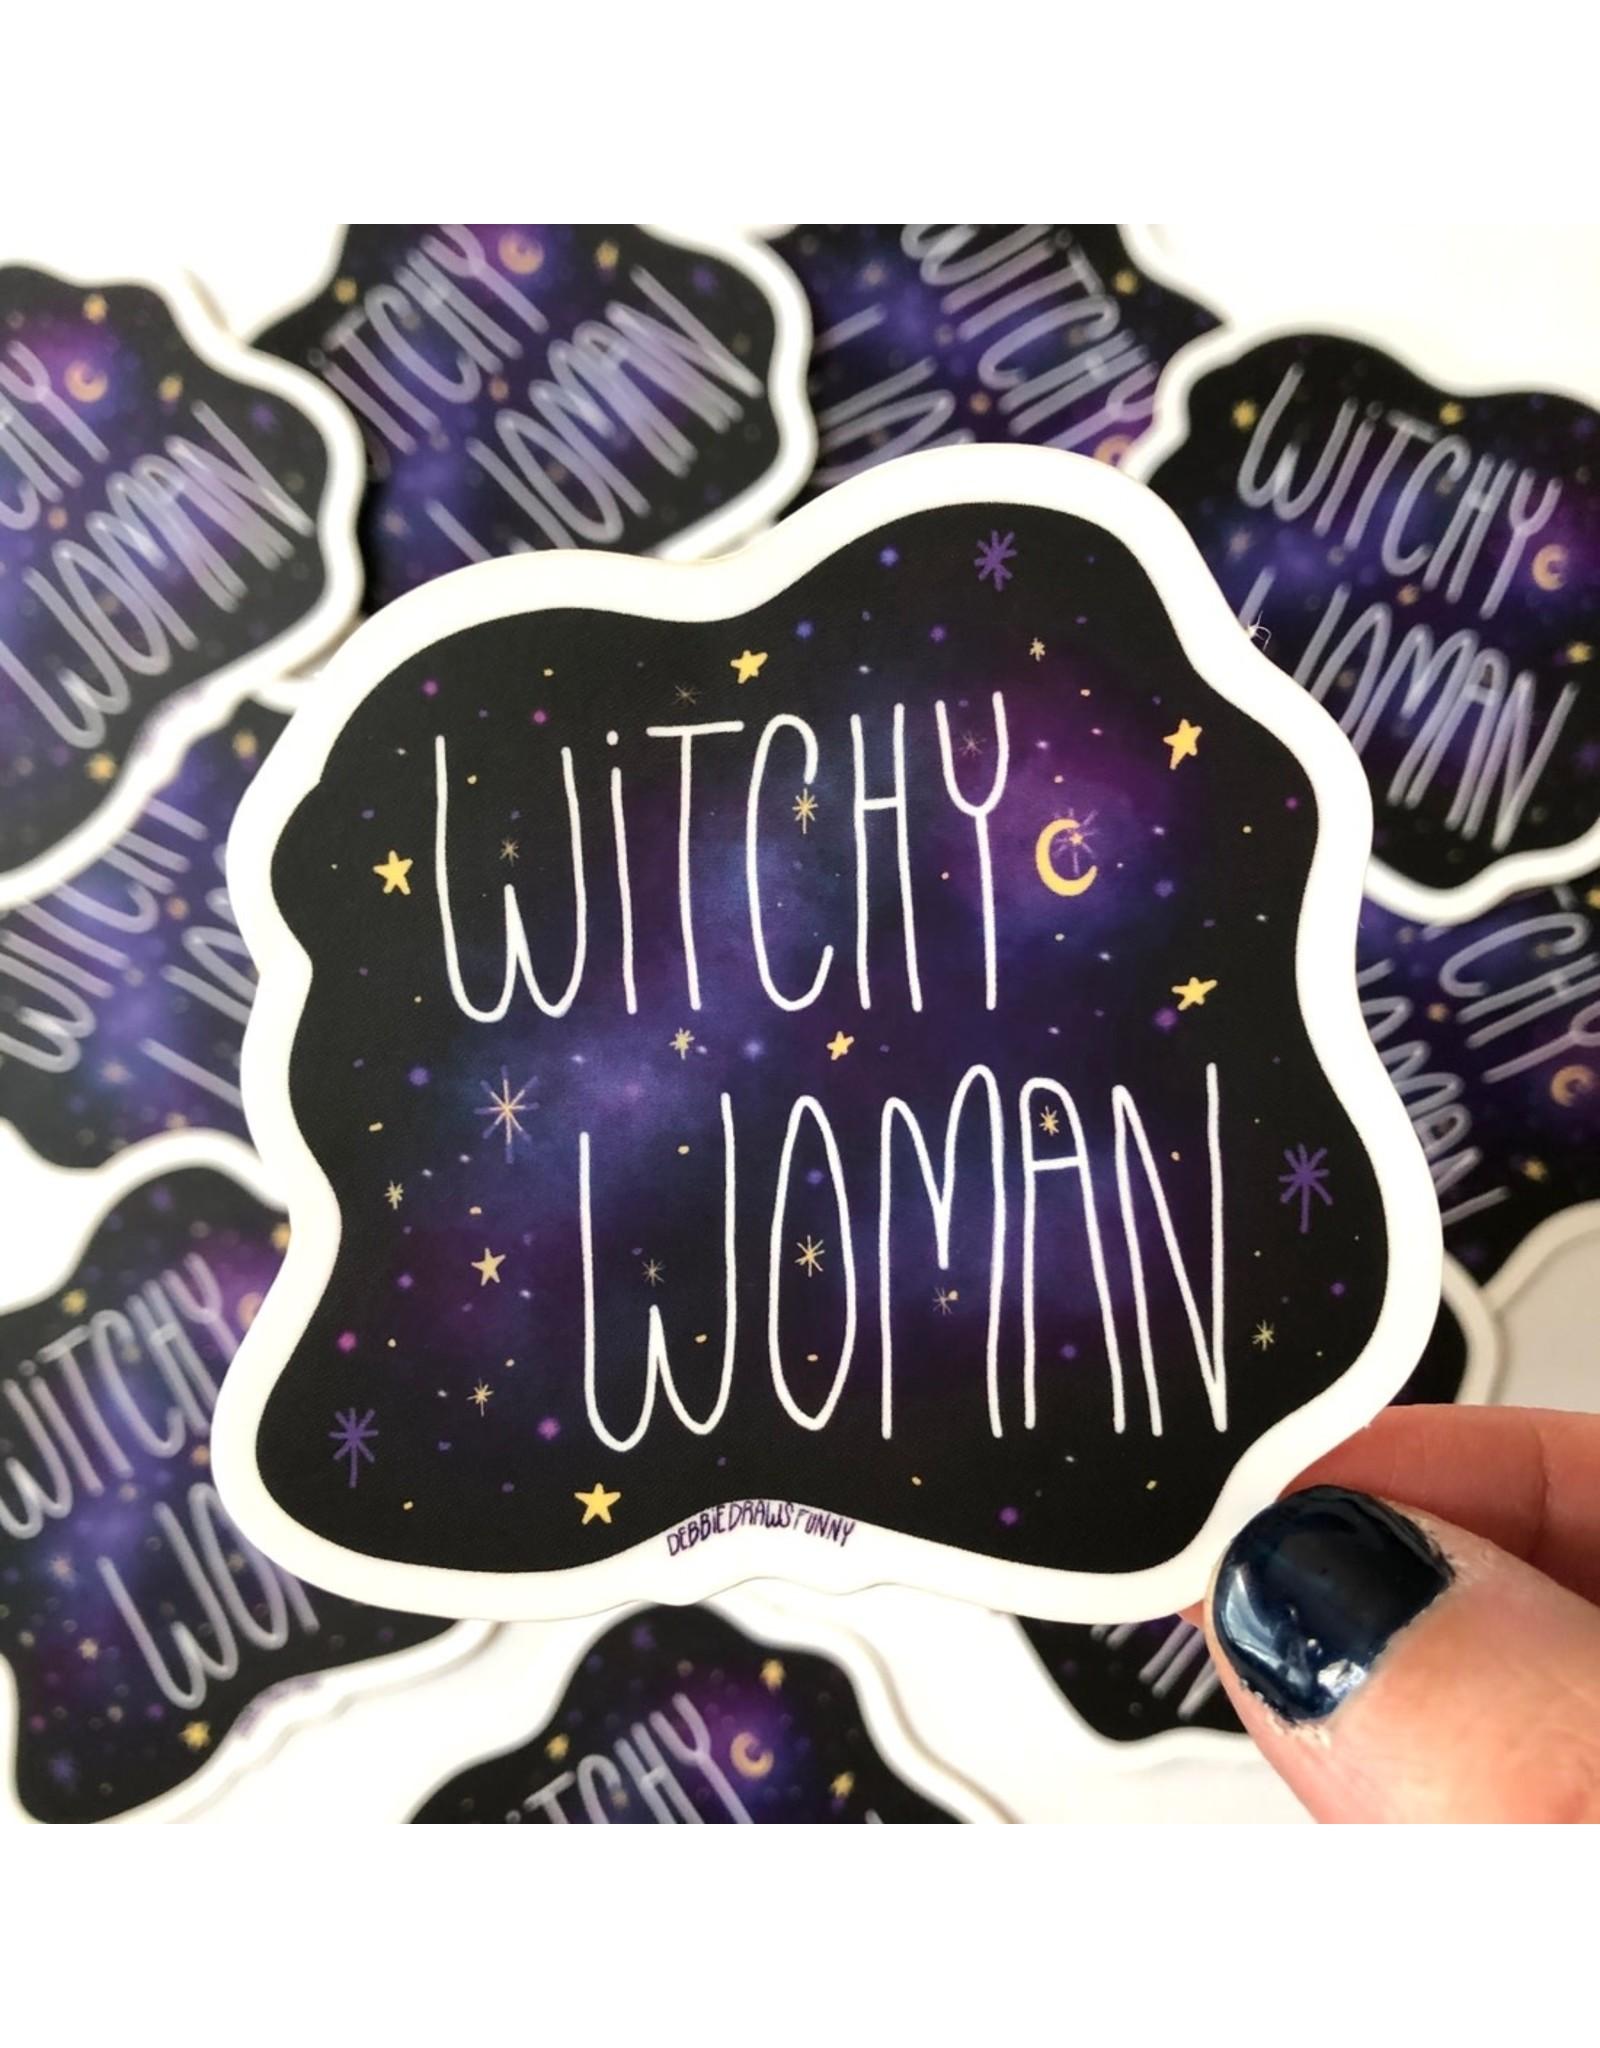 Debbie Draws Funny Sticker - Witchy Woman